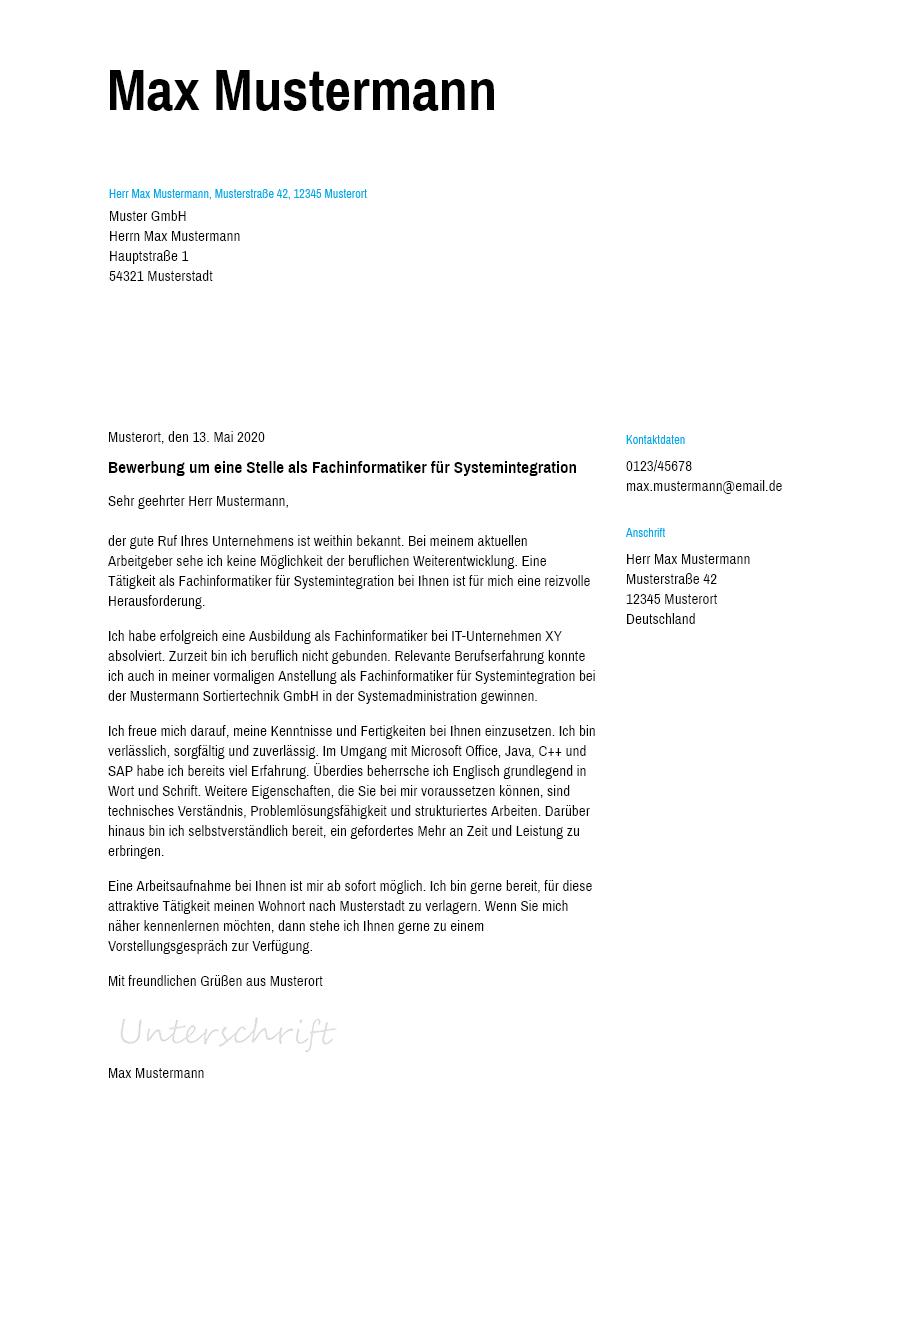 Bewerbungsvorlagen Als Fachinformatiker Systemintegration Schlicht Bewerbung2go